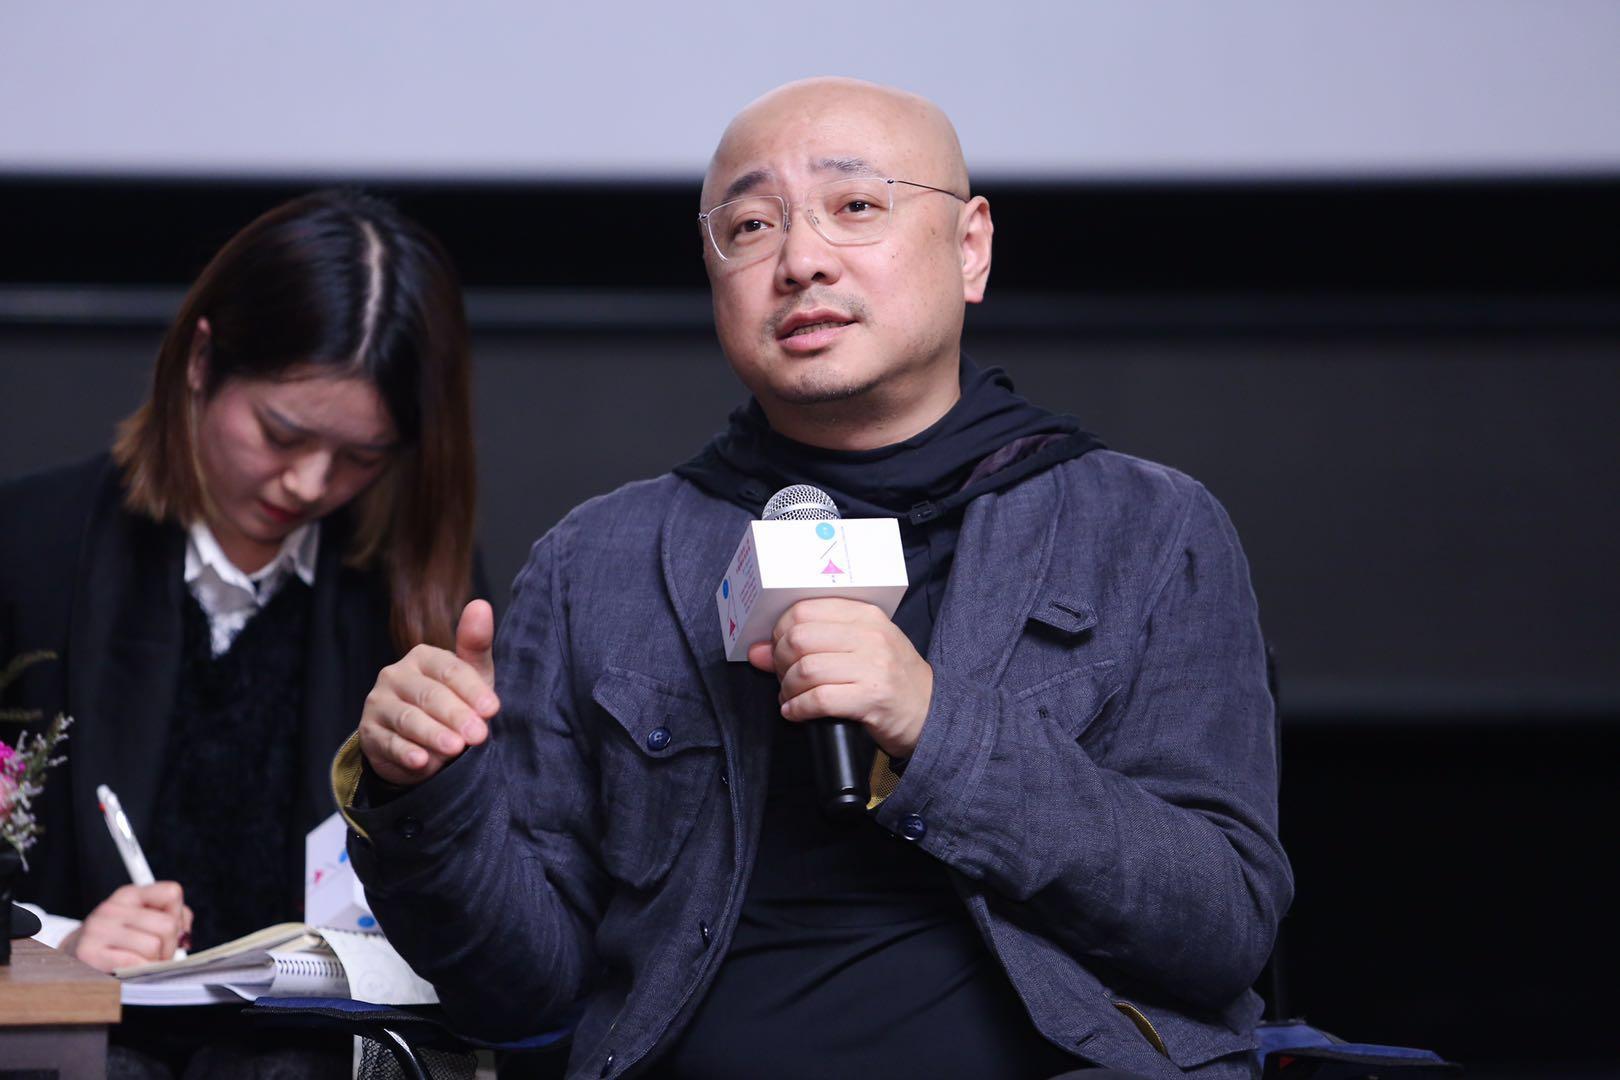 徐峥谈《药神》:最终决定权要交给导演,不能替代他